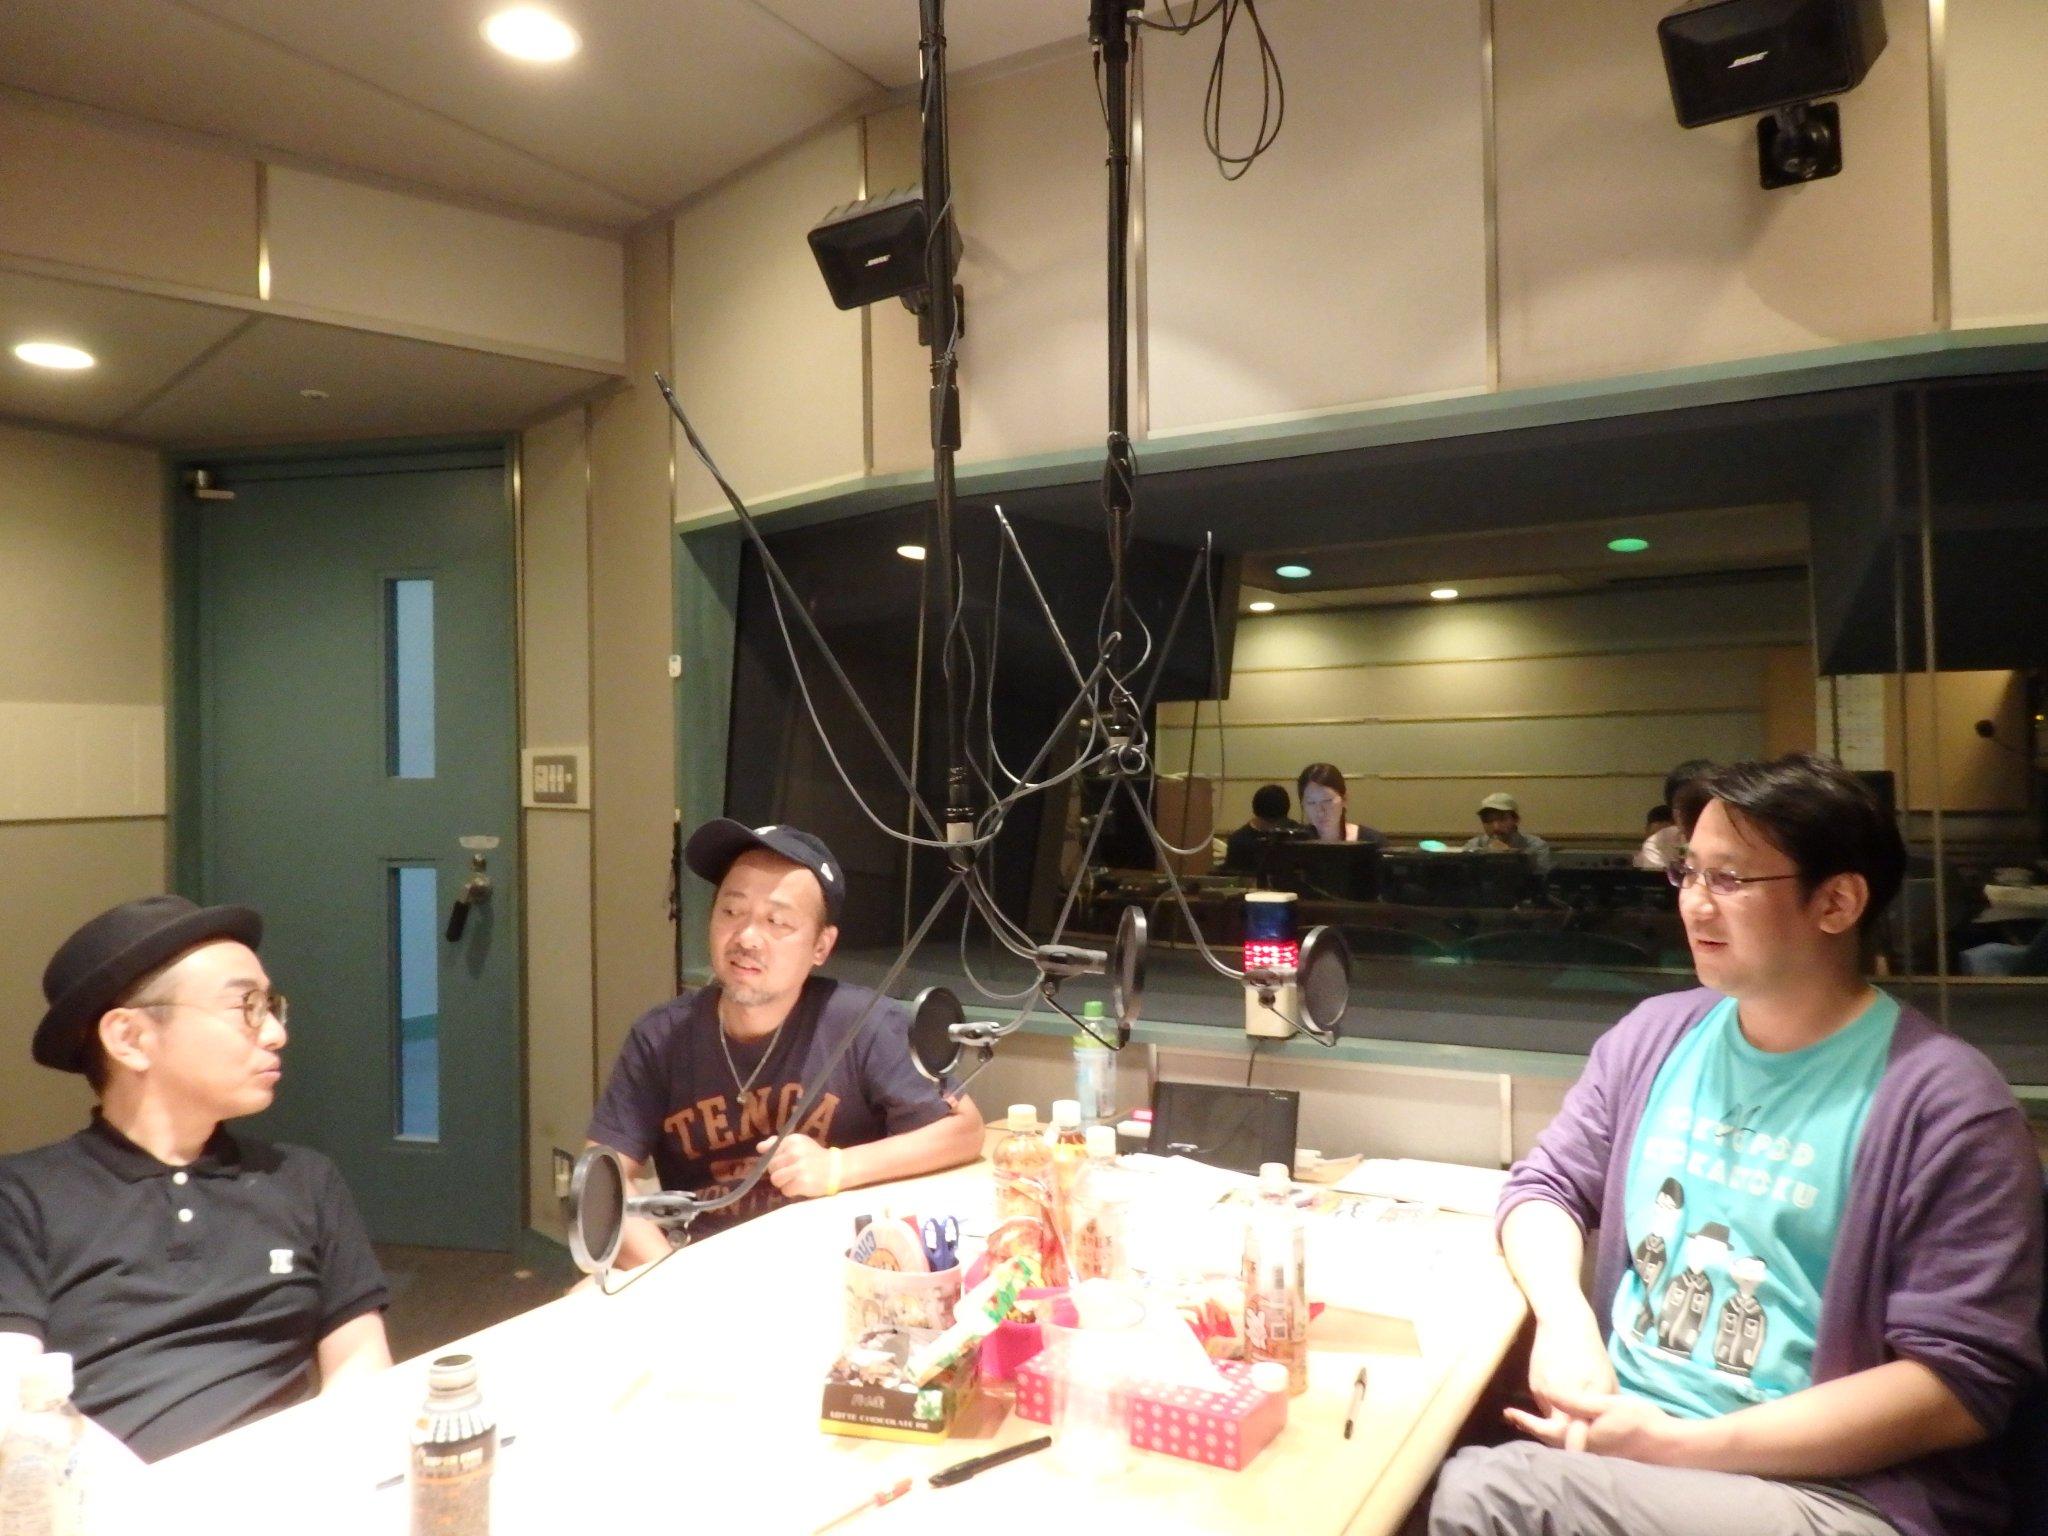 マキタスポーツ、プチ鹿島、サンキュータツオのラジオ「東京ポッド許可局」。 今回は「もったいない語論」。そして、普通のお便りでいっぱい話したので局報を長めにお送りします。深夜3時~放送! #tokyopod #radiko https://t.co/6CJv2HwCMI